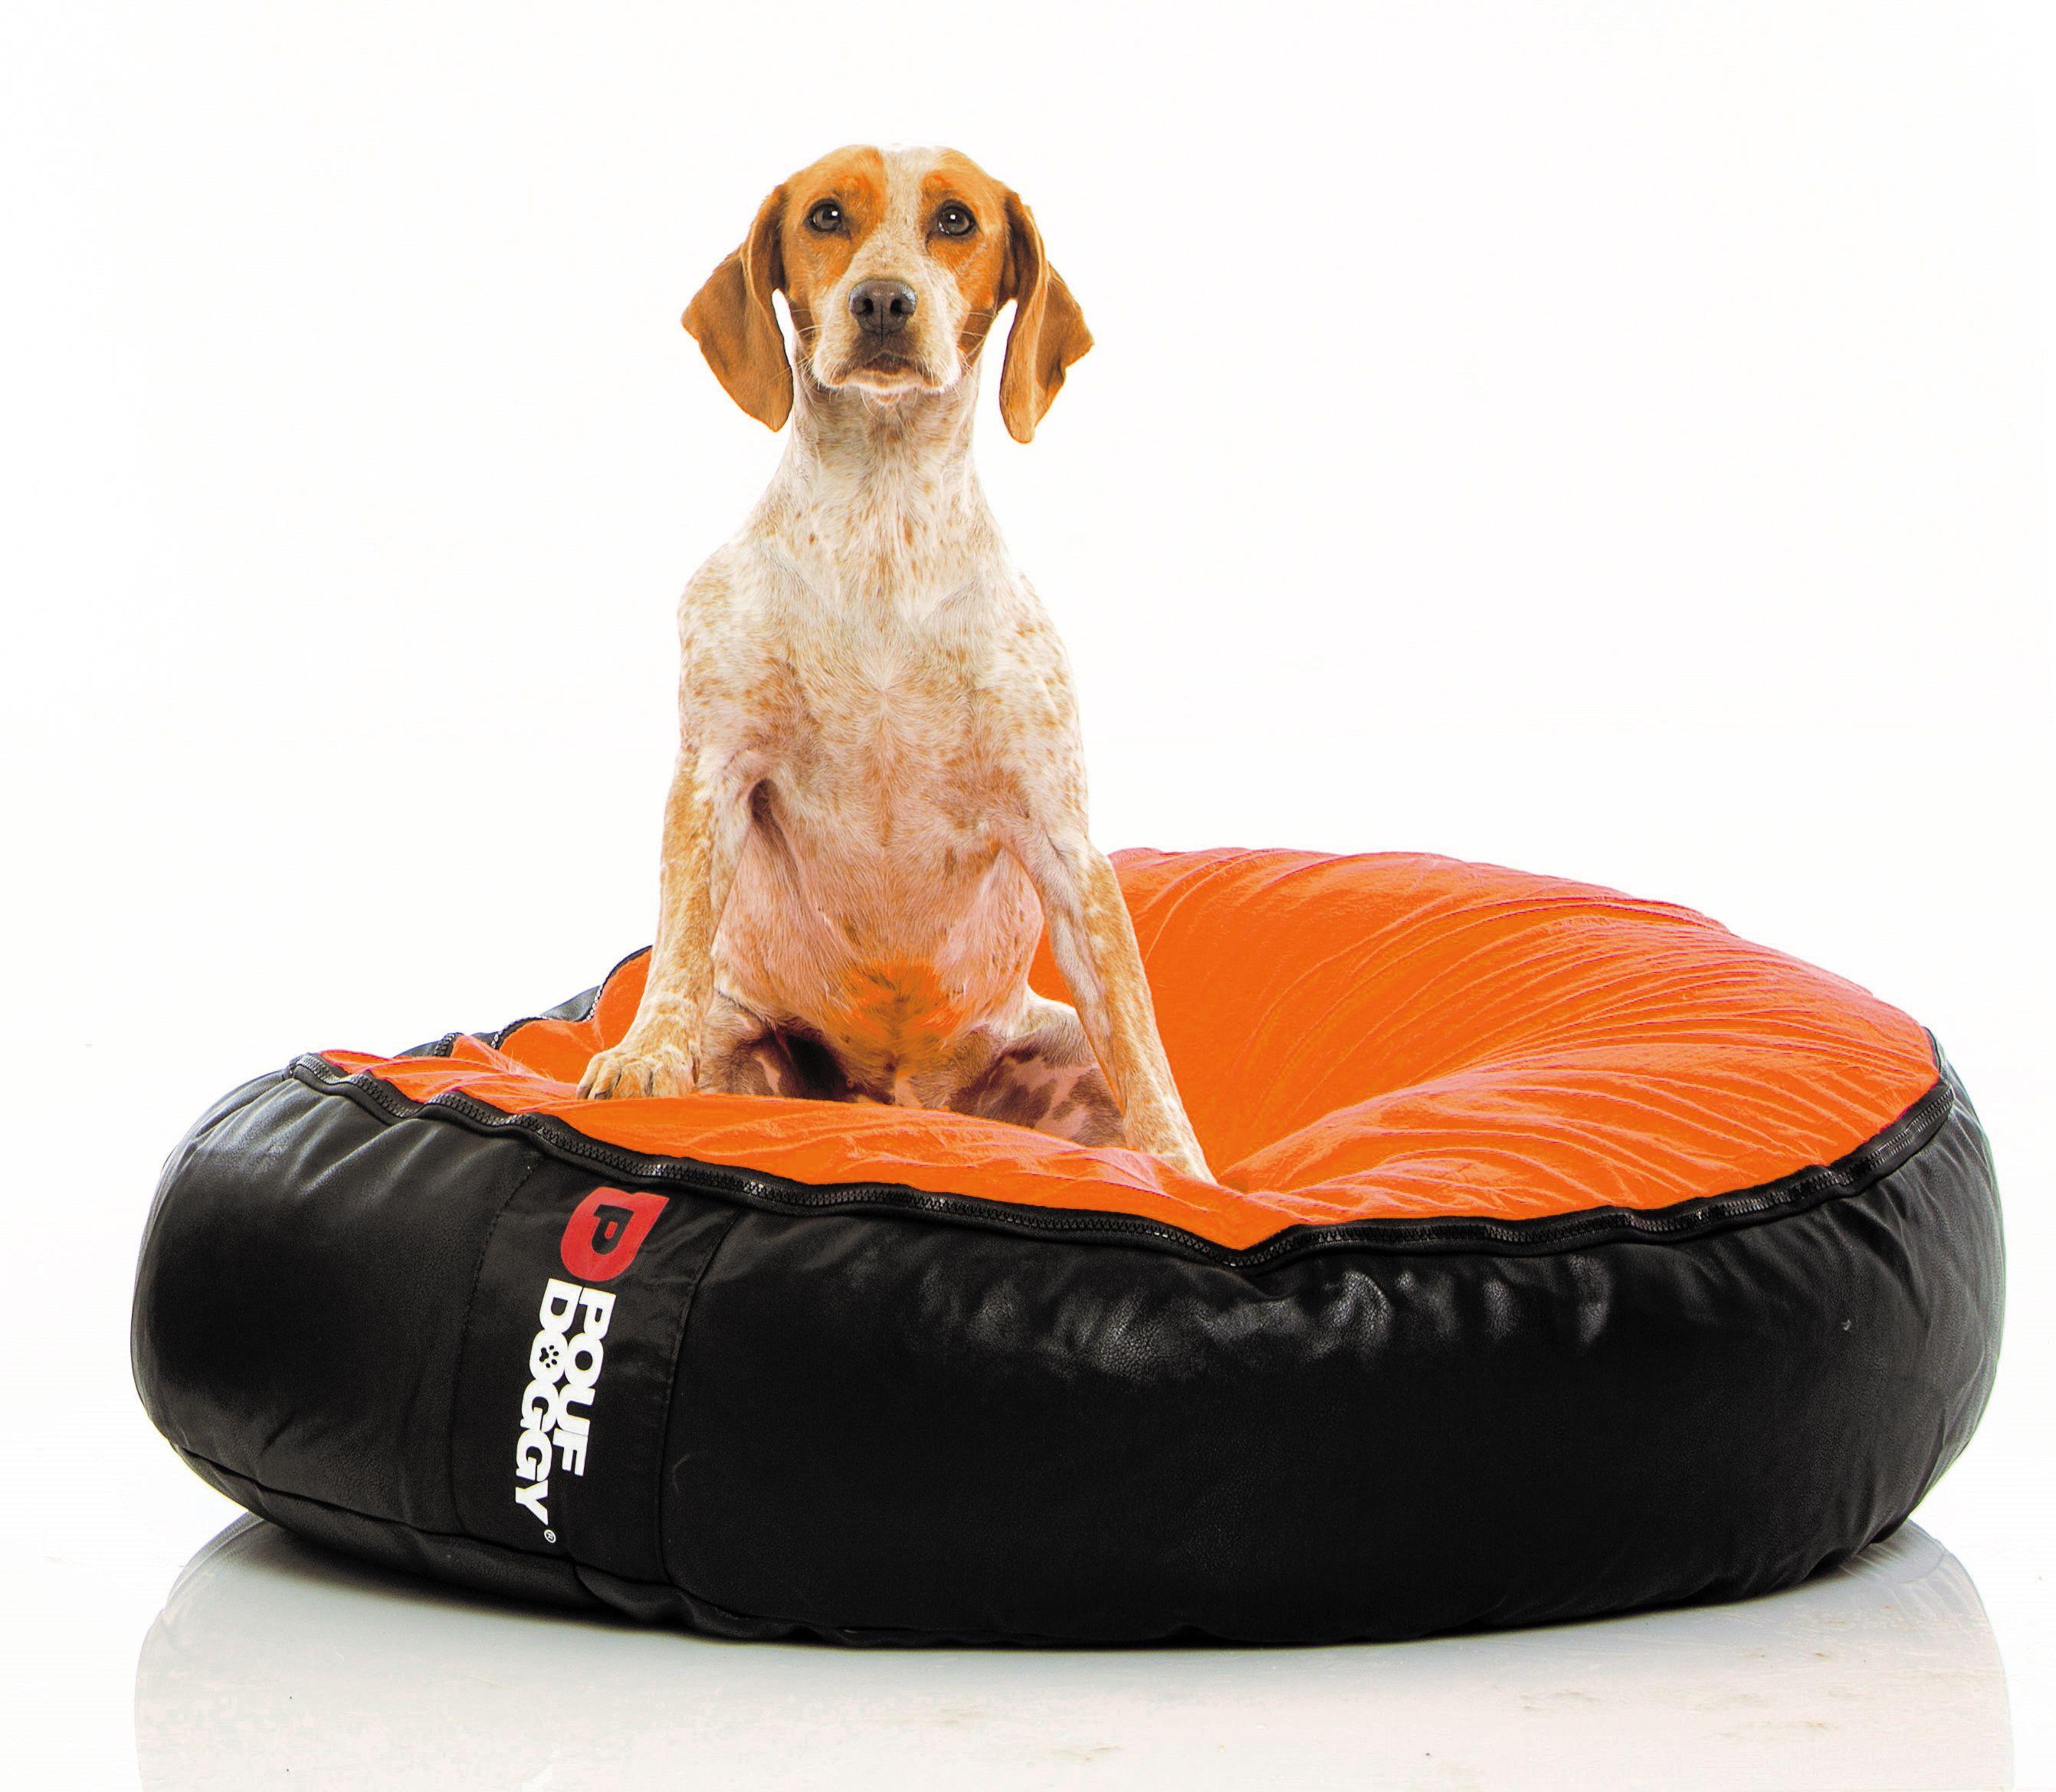 Pouf Doggy Orange Orange bedding, Bean bag furniture